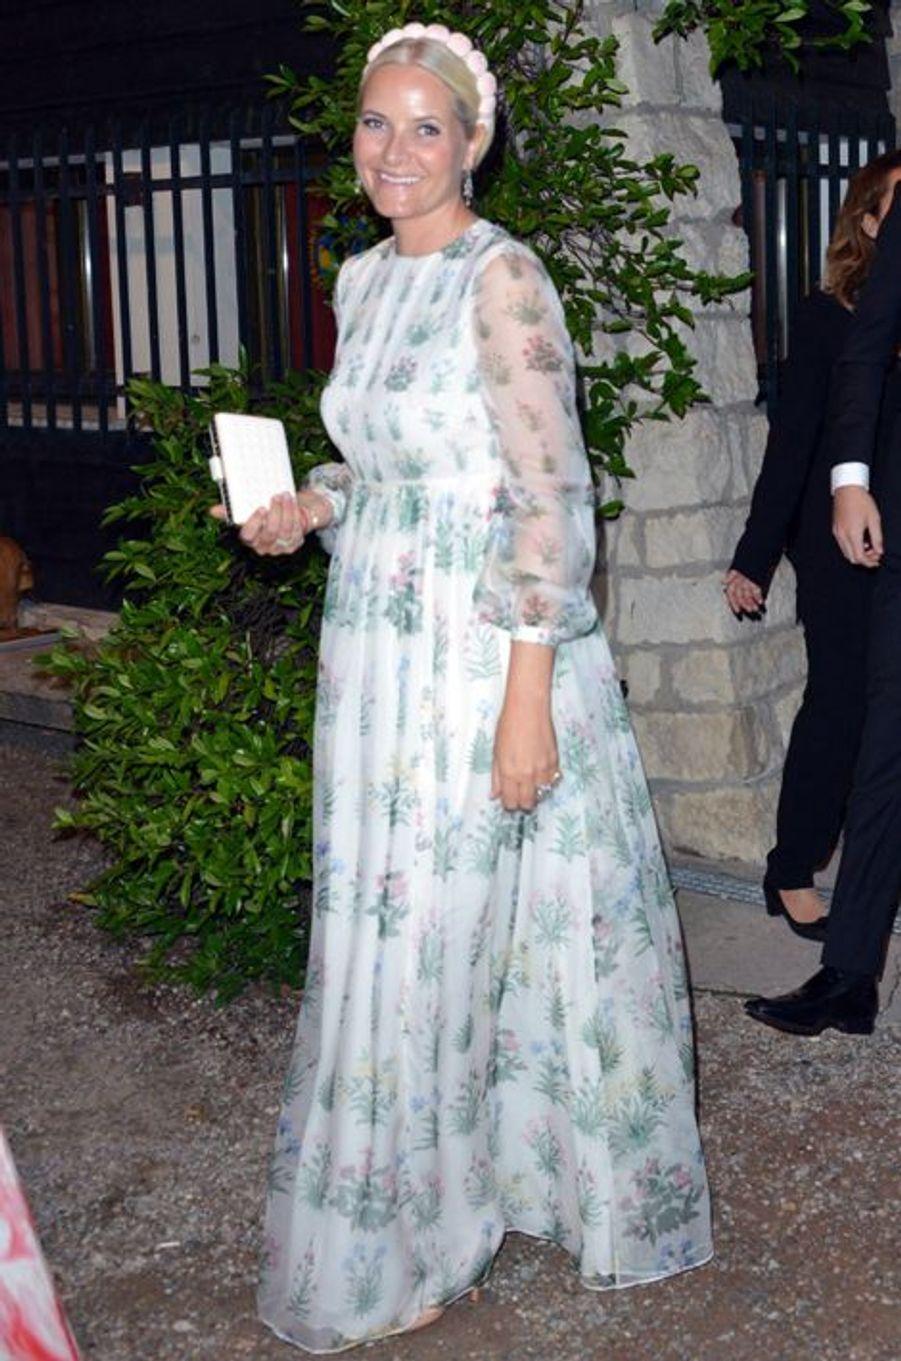 La princesse Mette-Marit de Norvège à Angera, le 1er août 2015